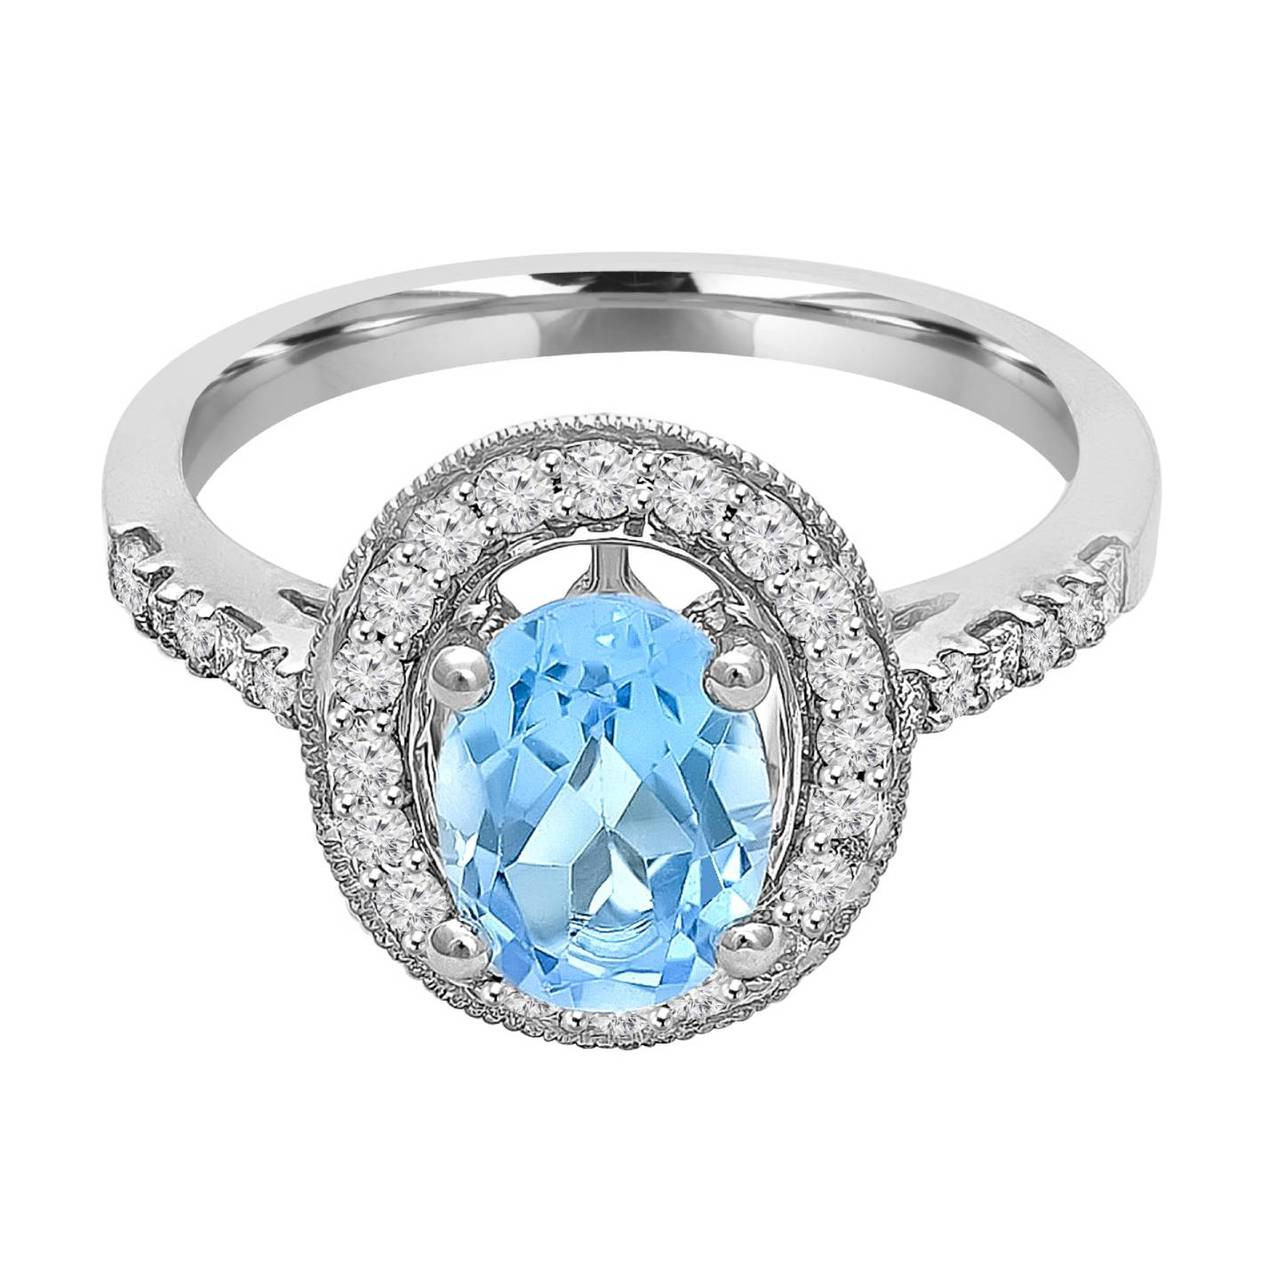 Blue Topaz Stone : Blue topaz rings bijoux majesty